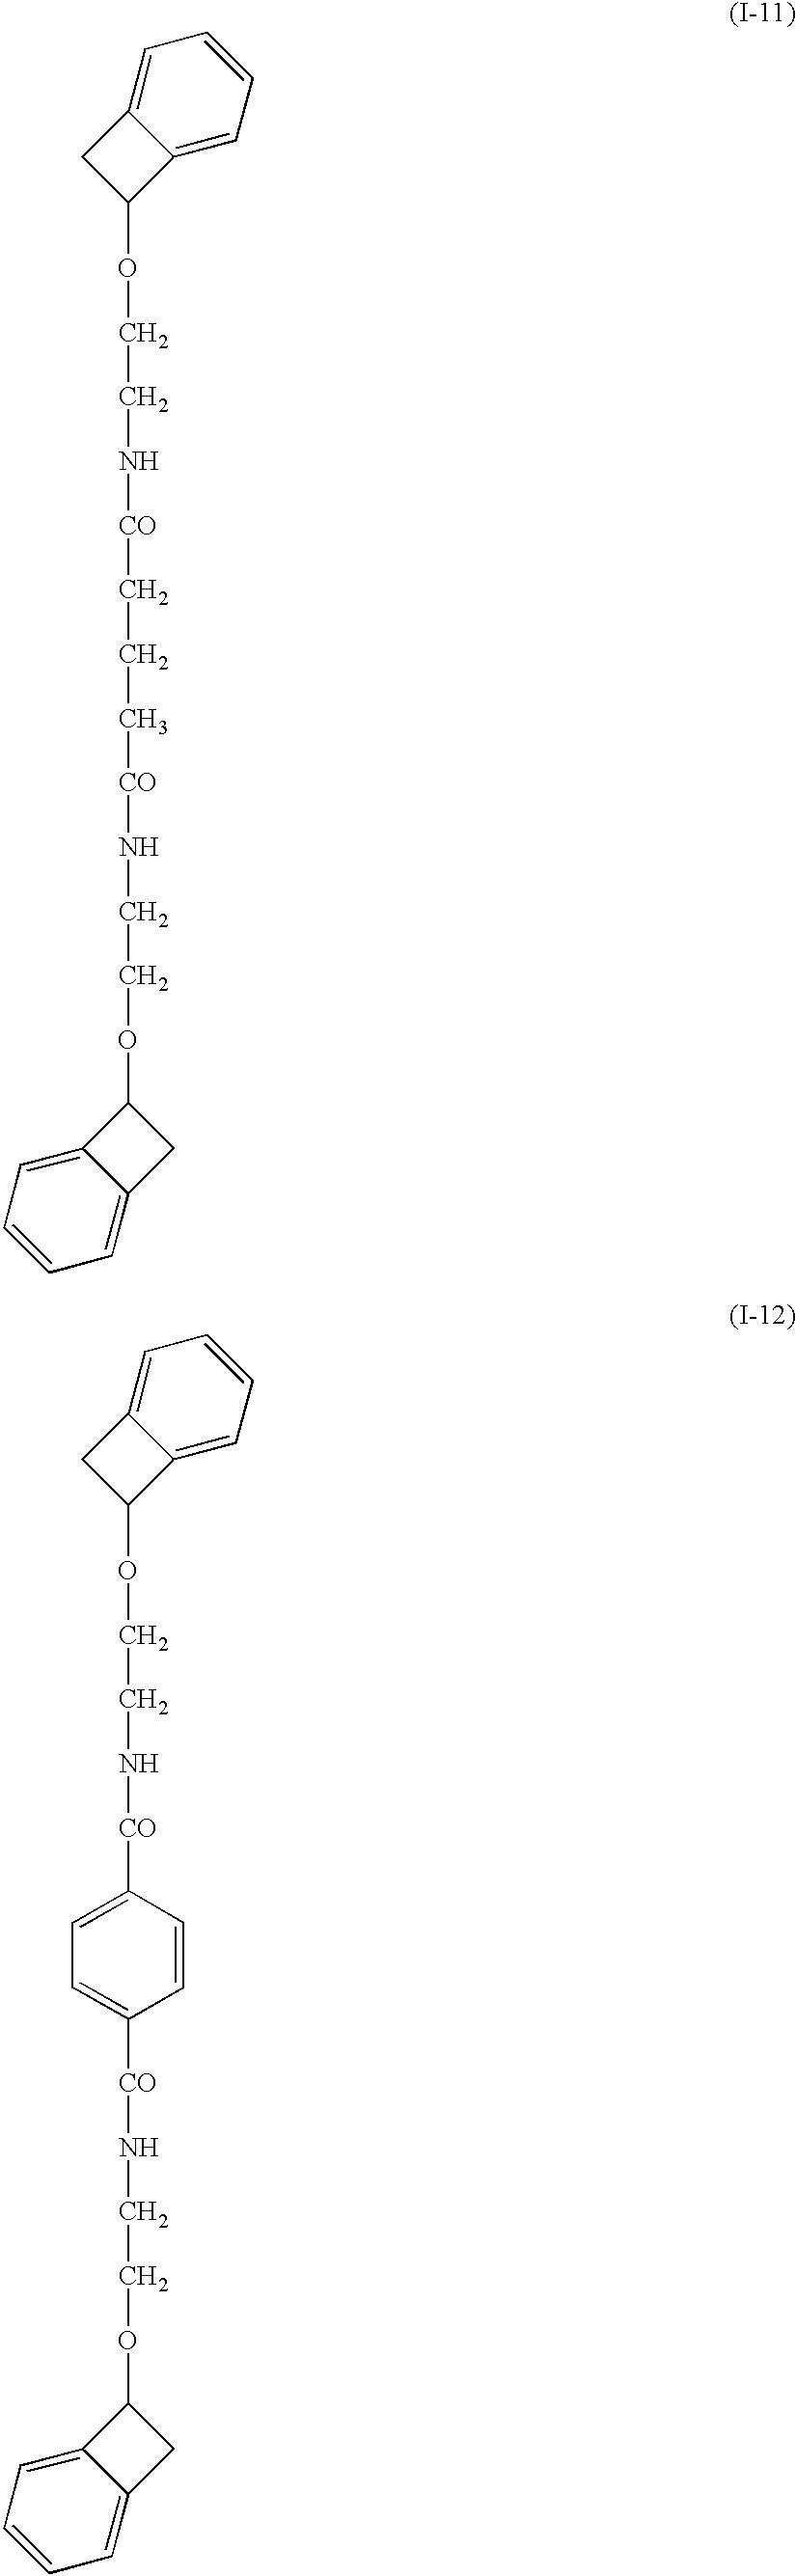 Figure US20030165778A1-20030904-C00011